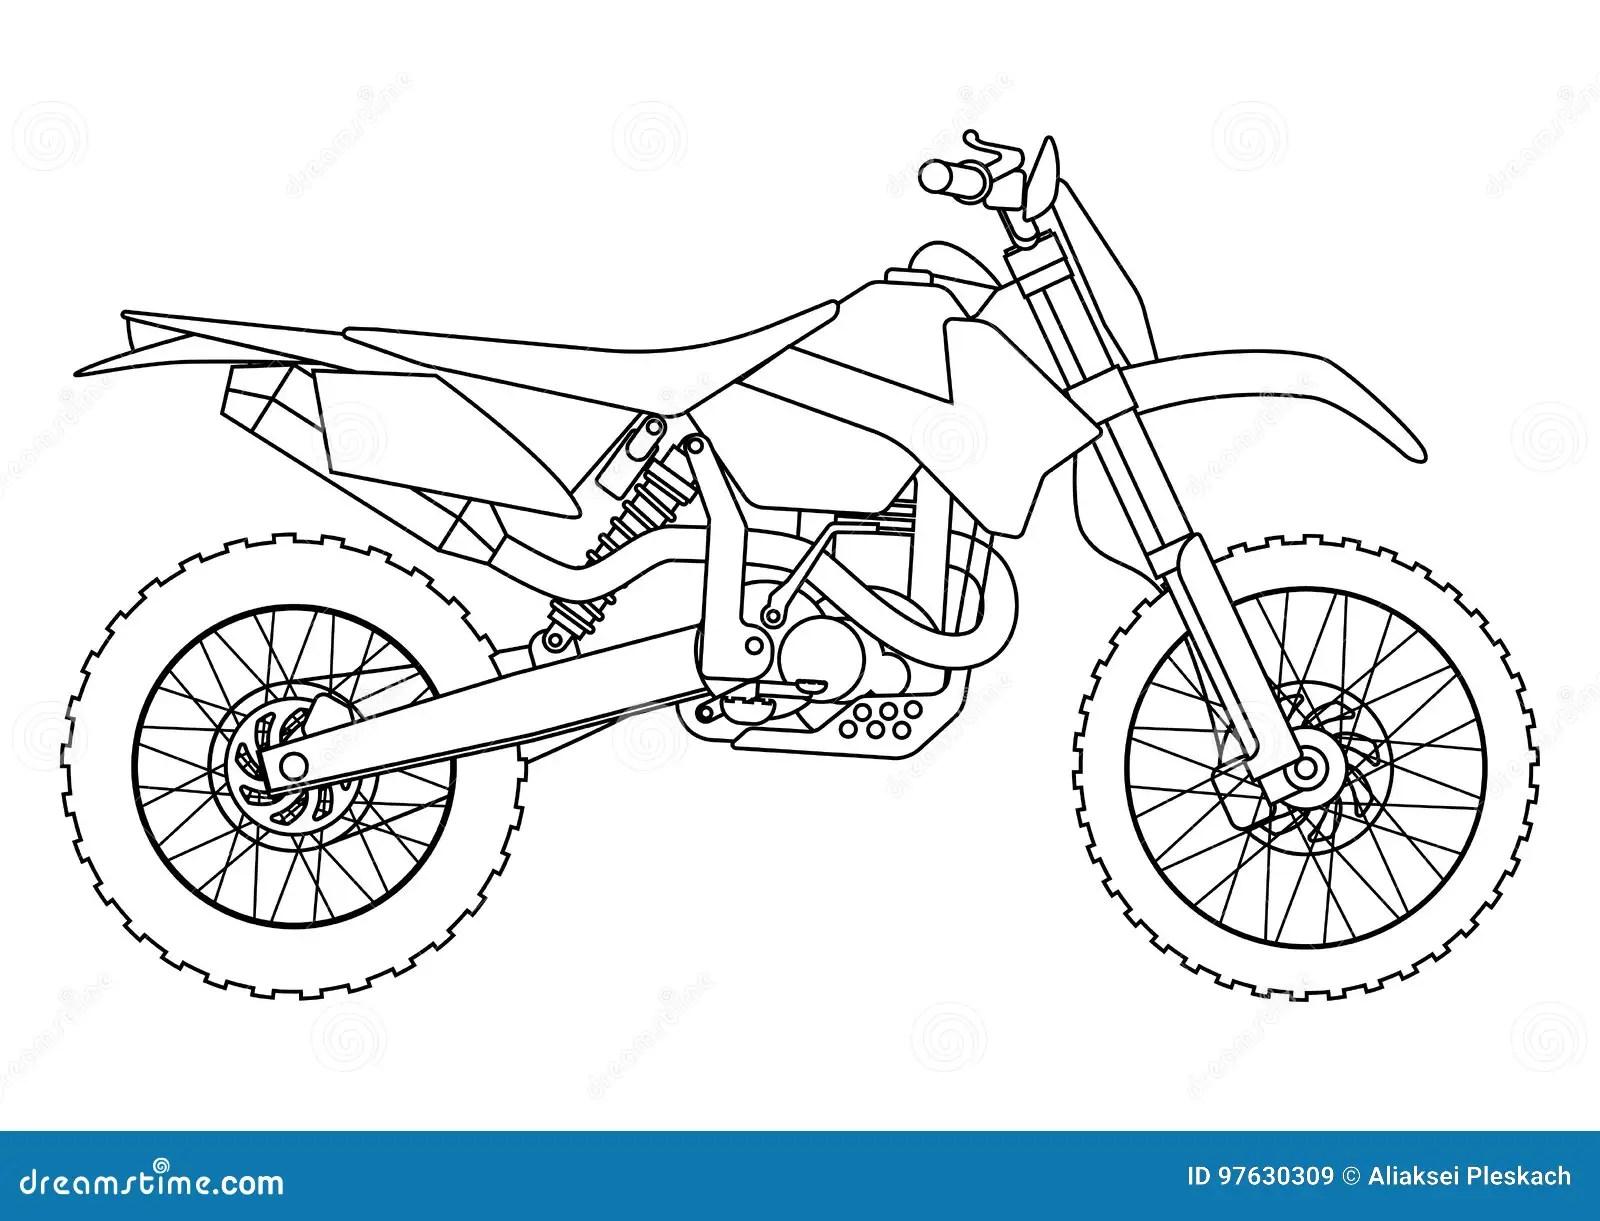 Honda Ktm